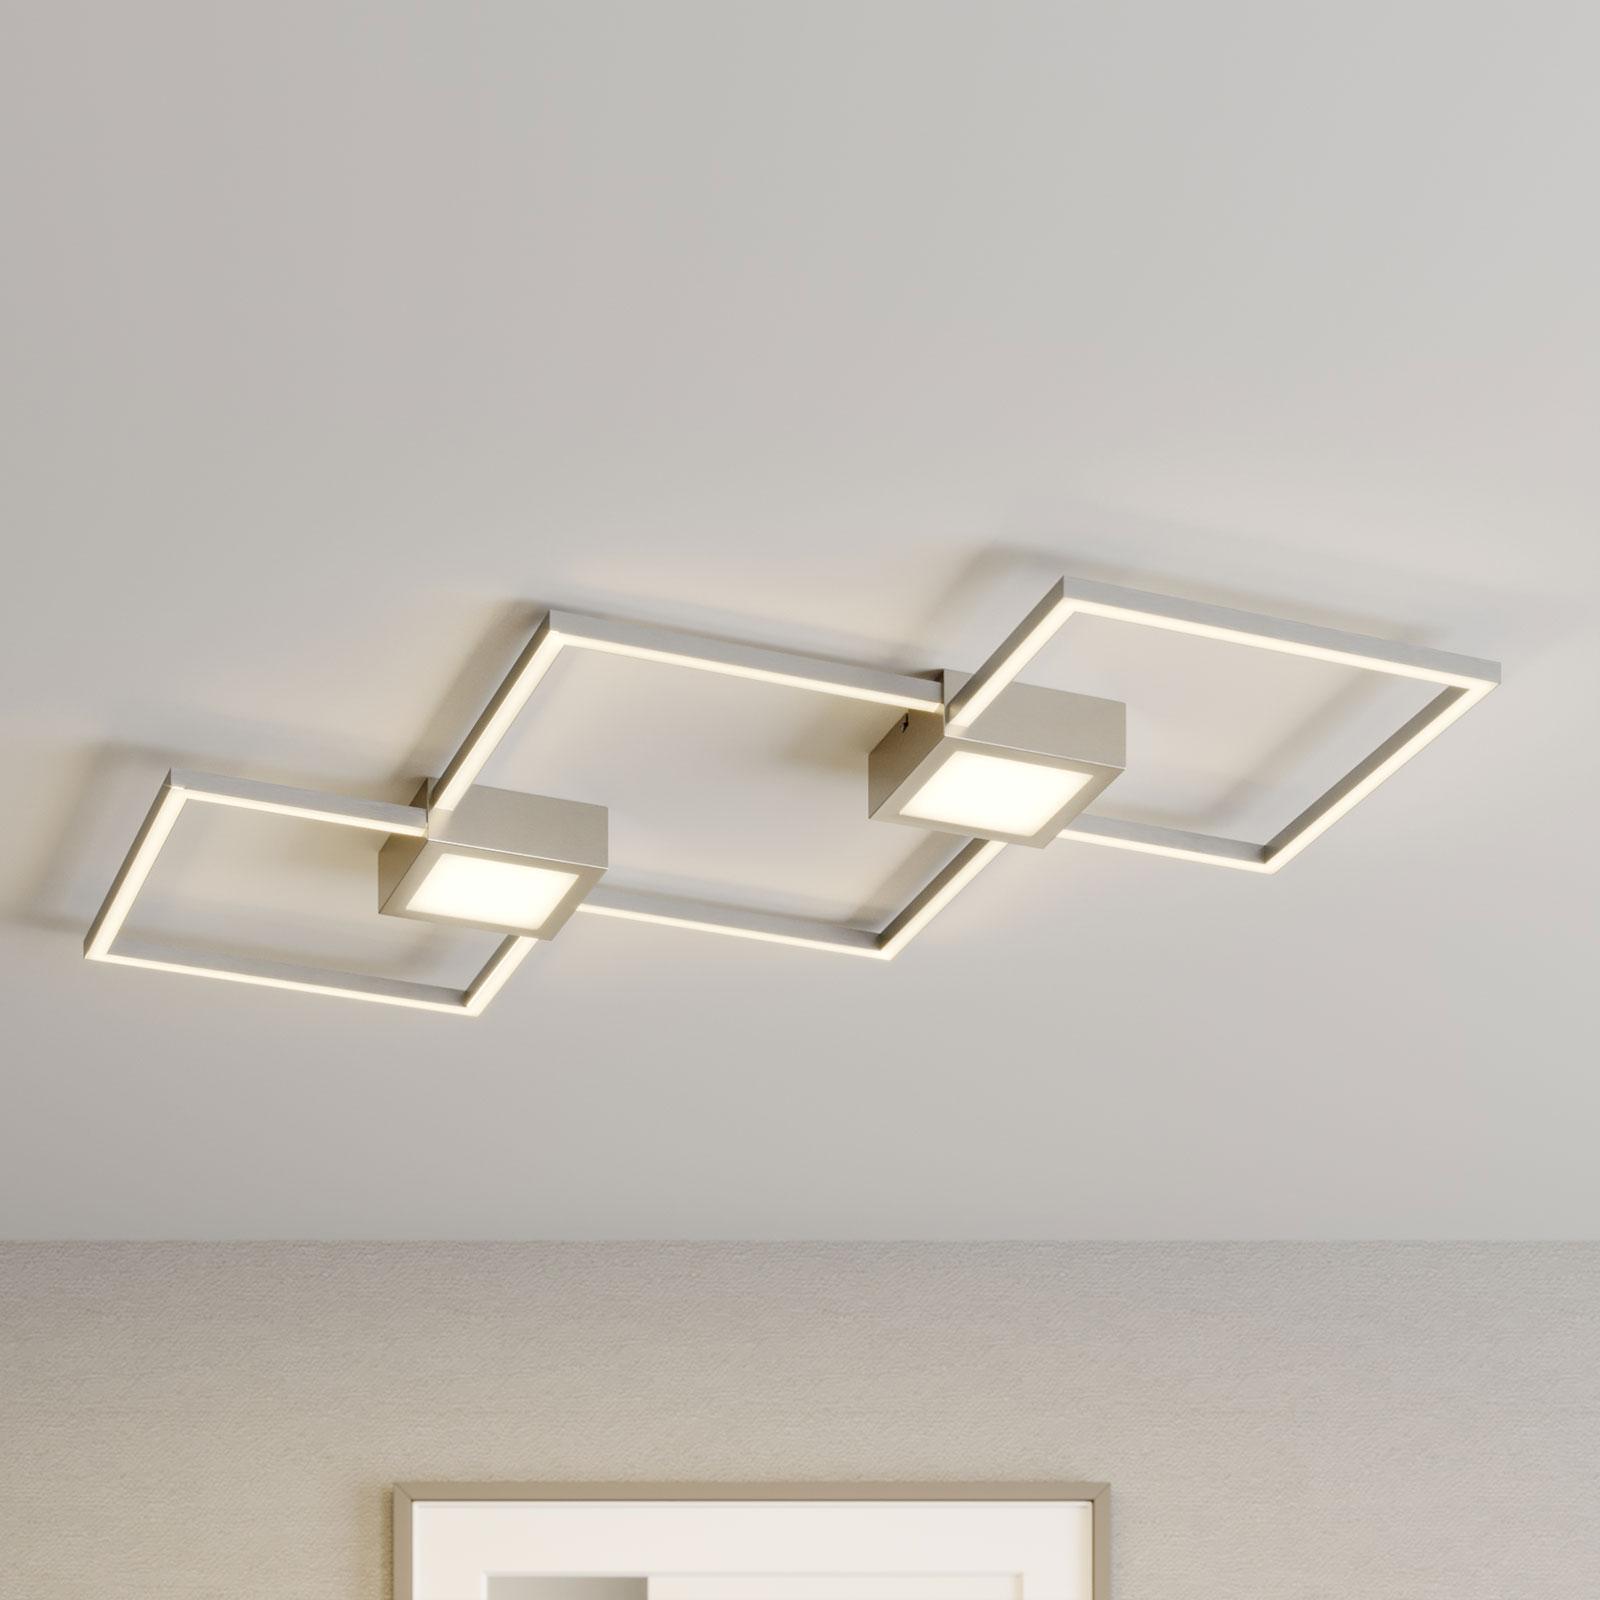 Lindby Makoto LED plafondlamp, 2-lamps, dimbaar